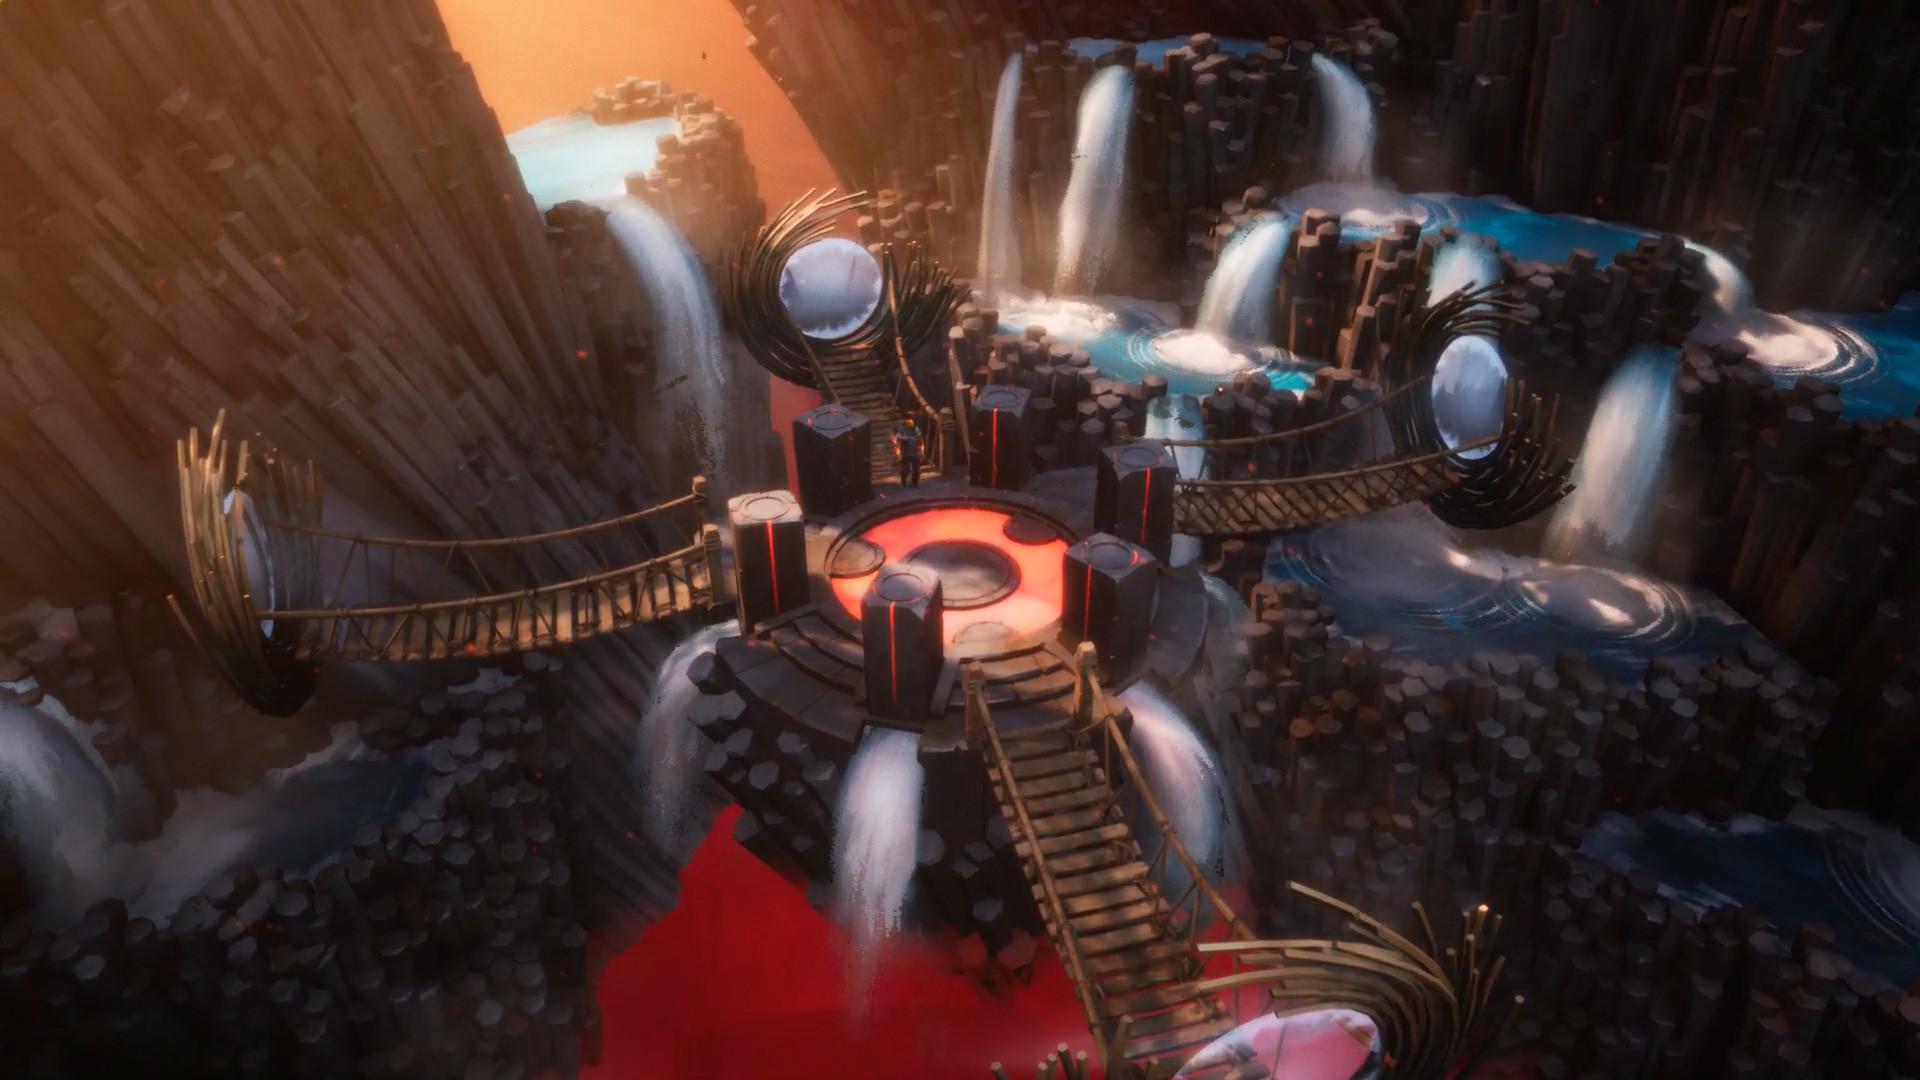 Dreamscaper on Steam